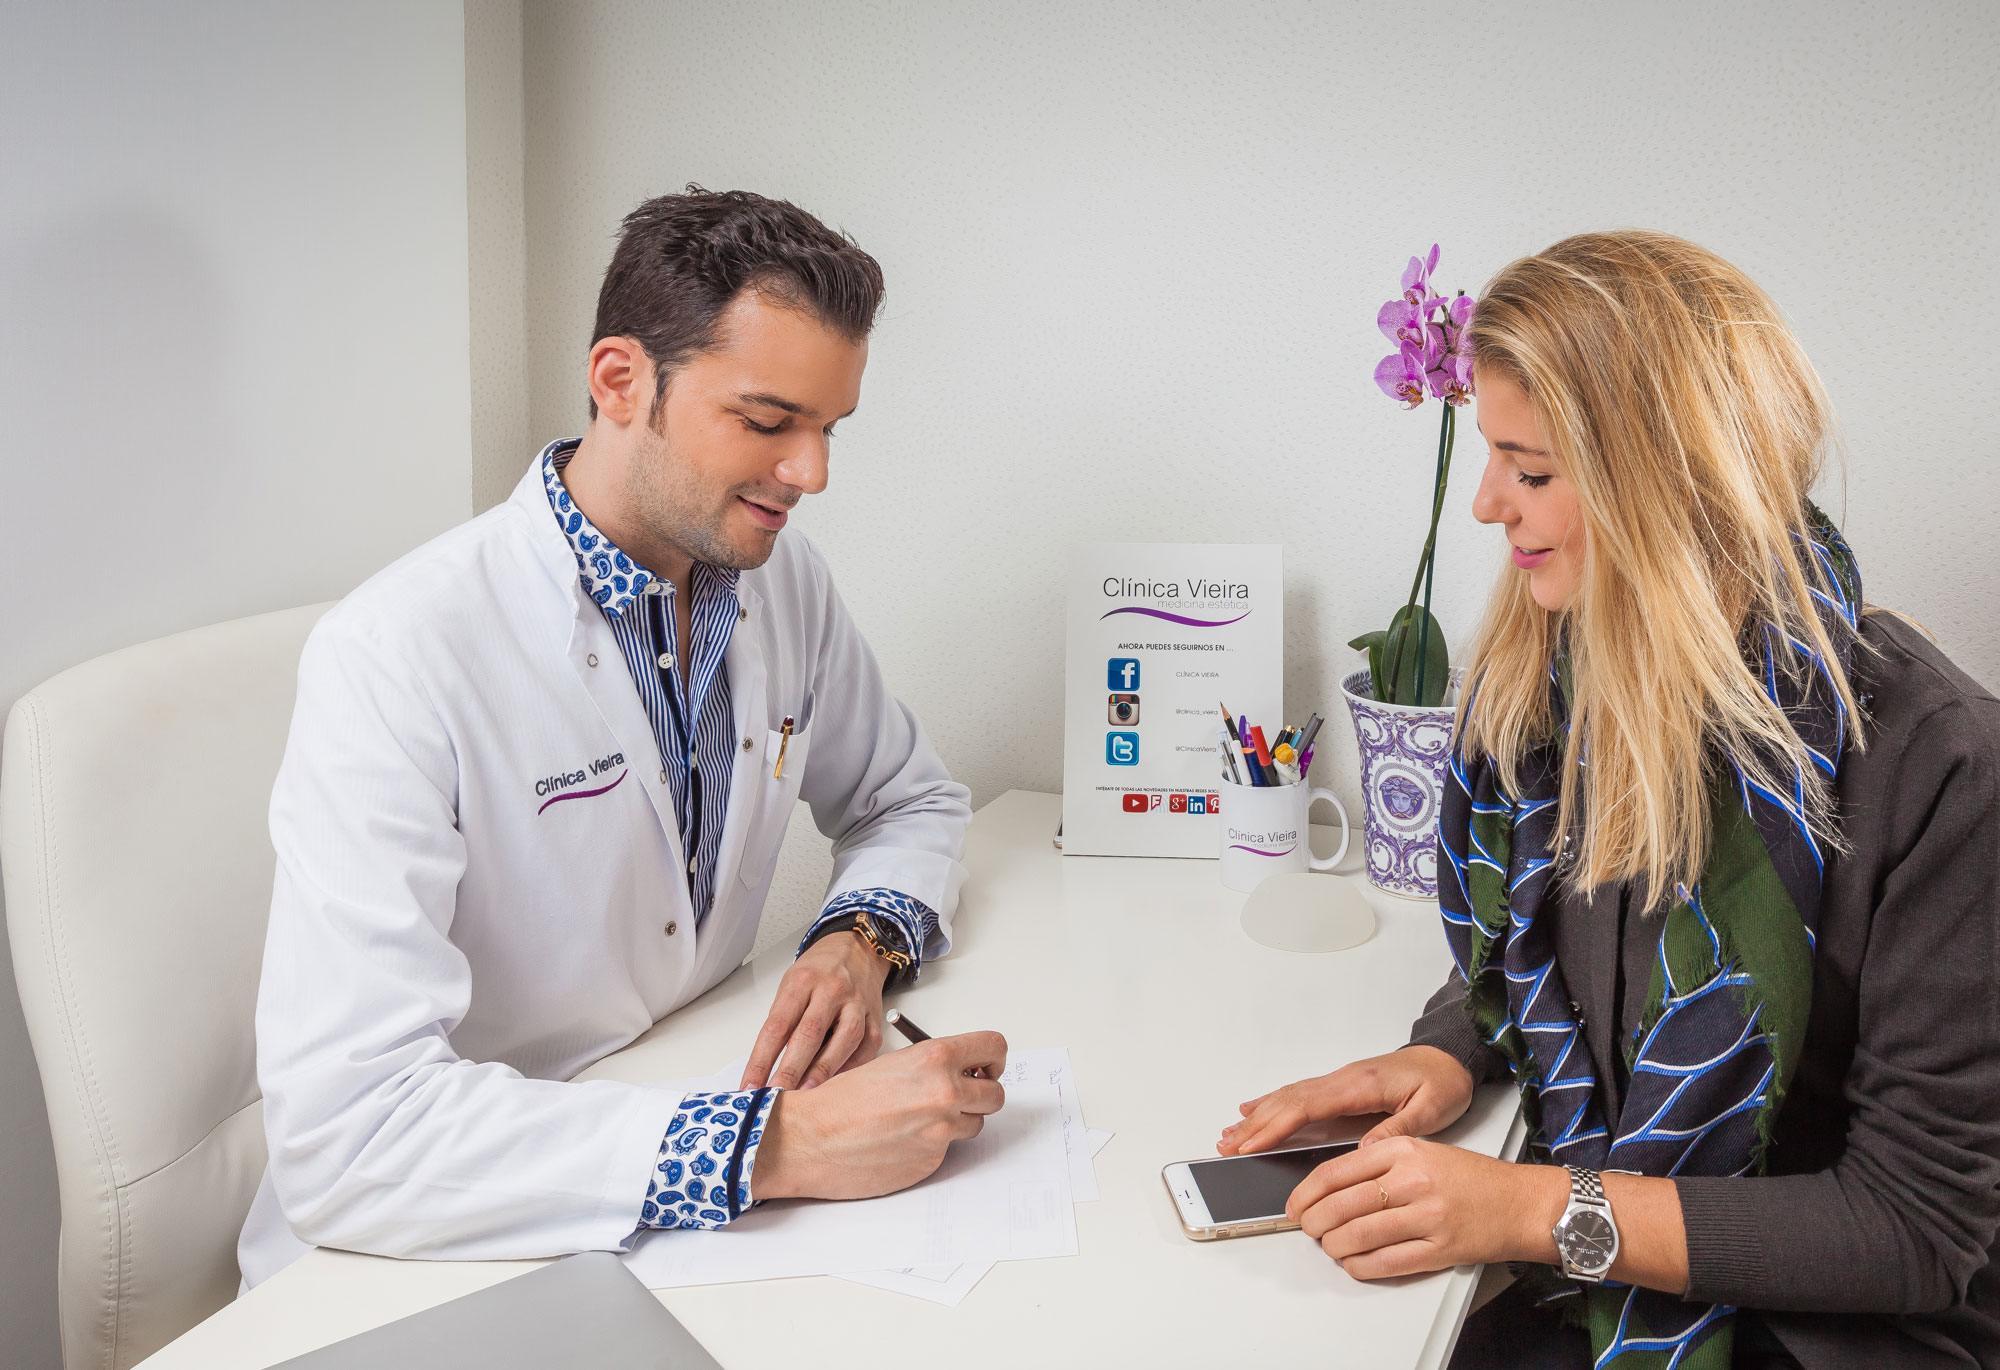 Clínica de Medicina Estética